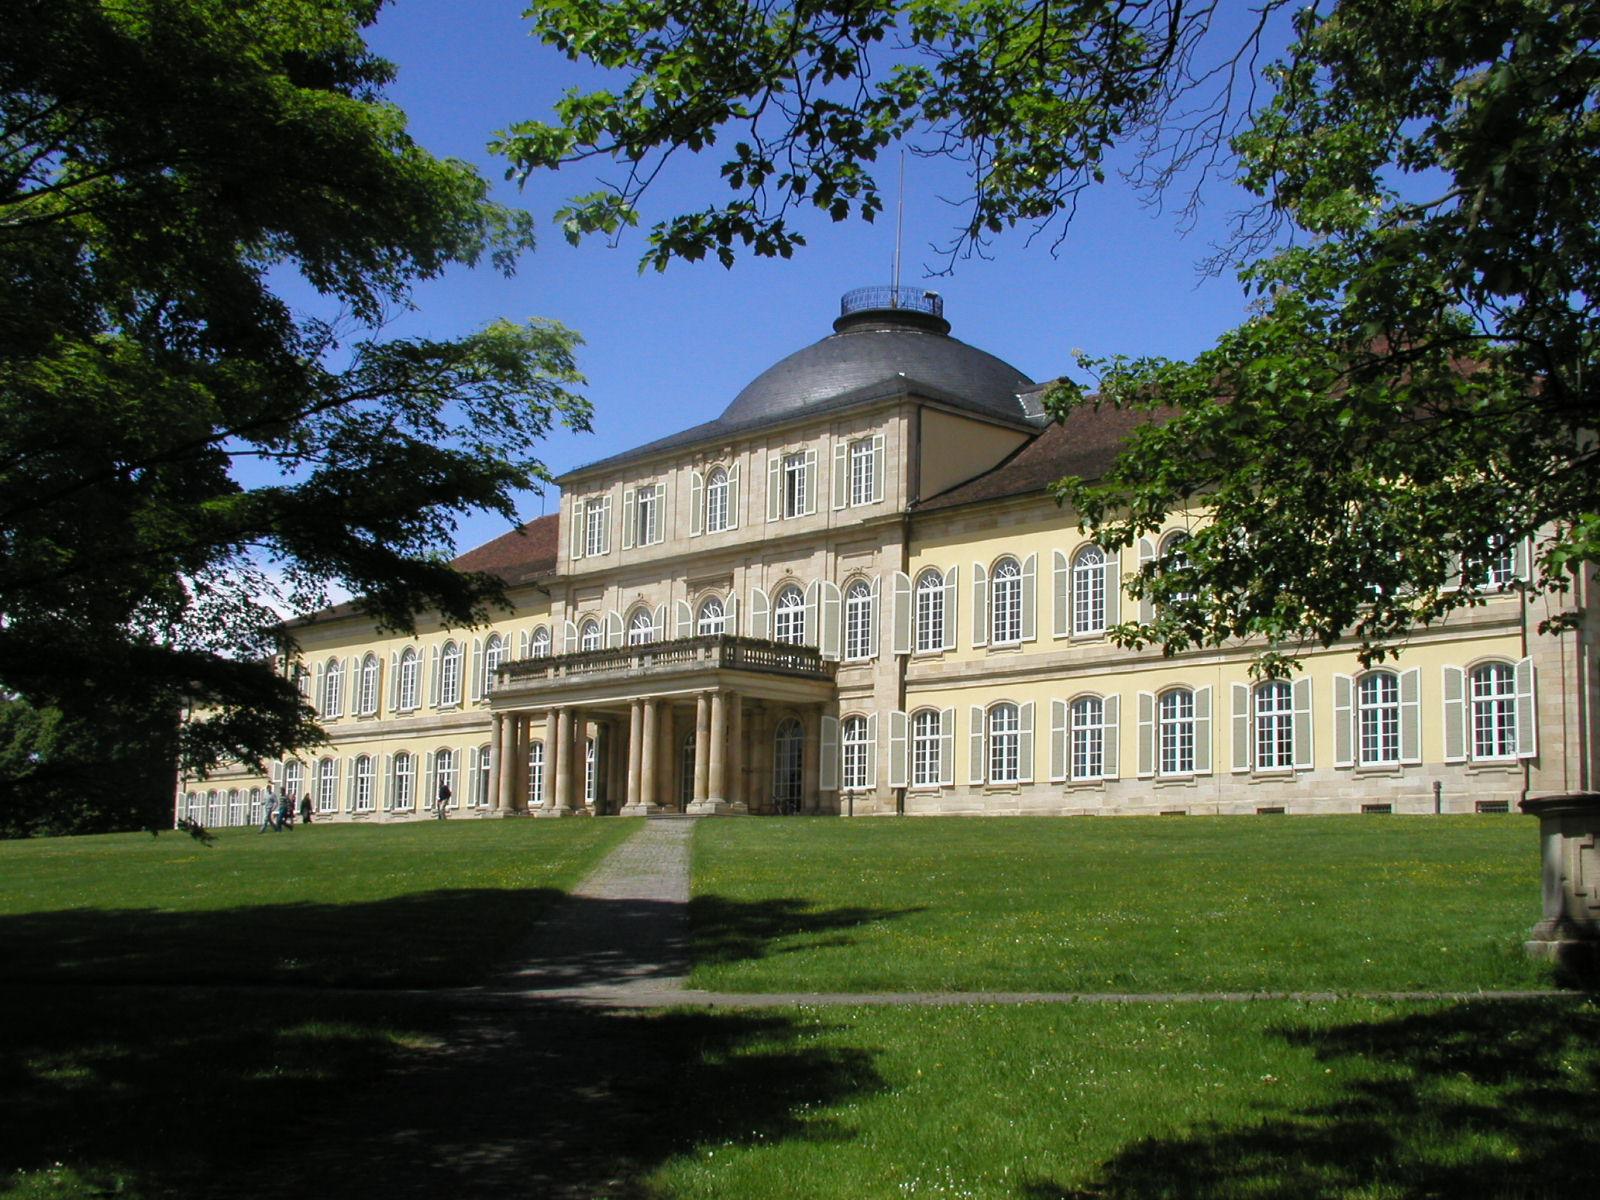 Universitat Hohenheim